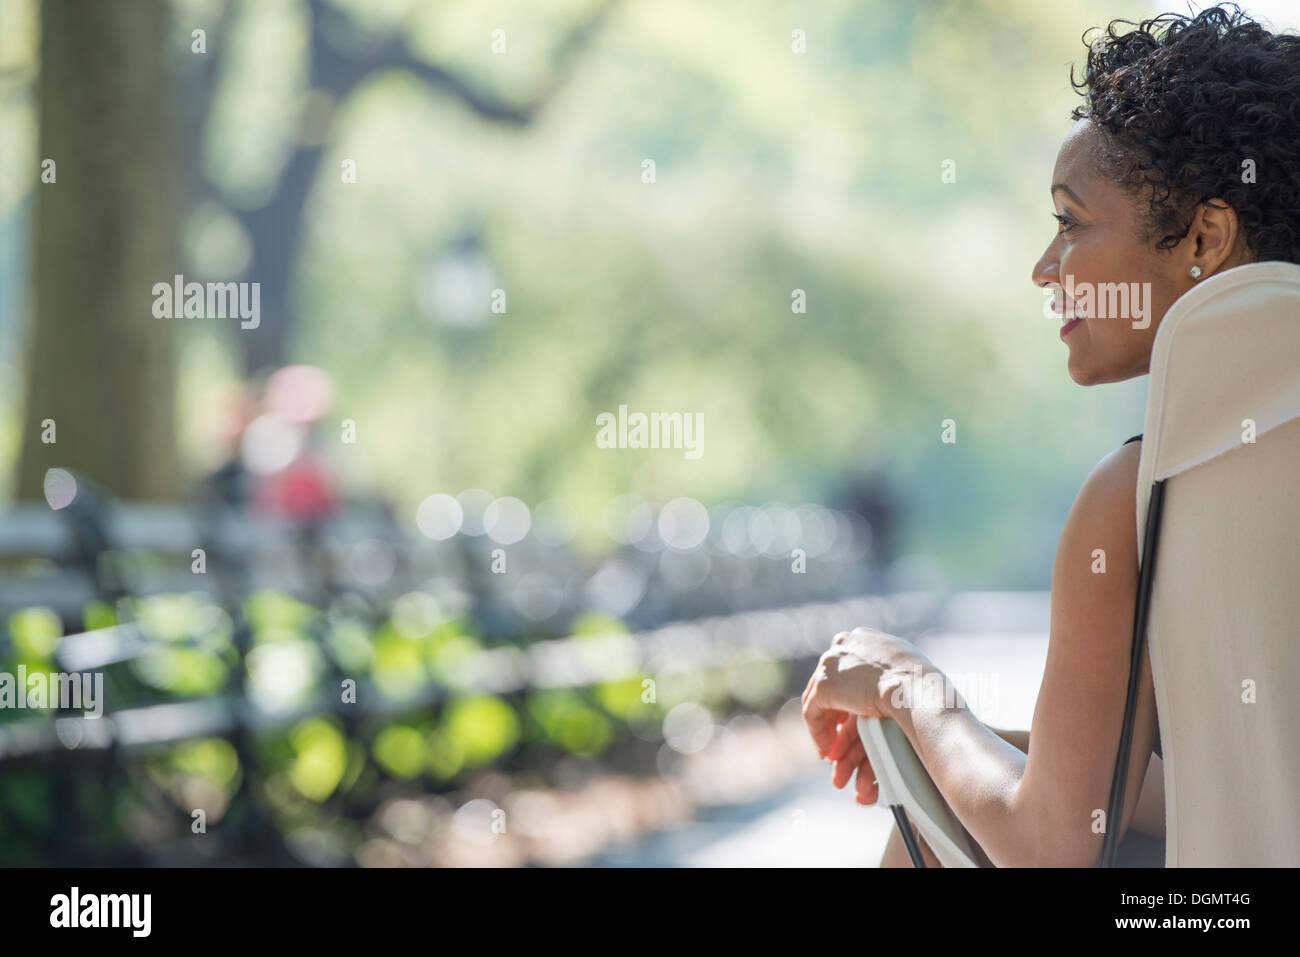 La vie en ville. Une femme assise dans un fauteuil de camping dans un parc de la ville. Photo Stock